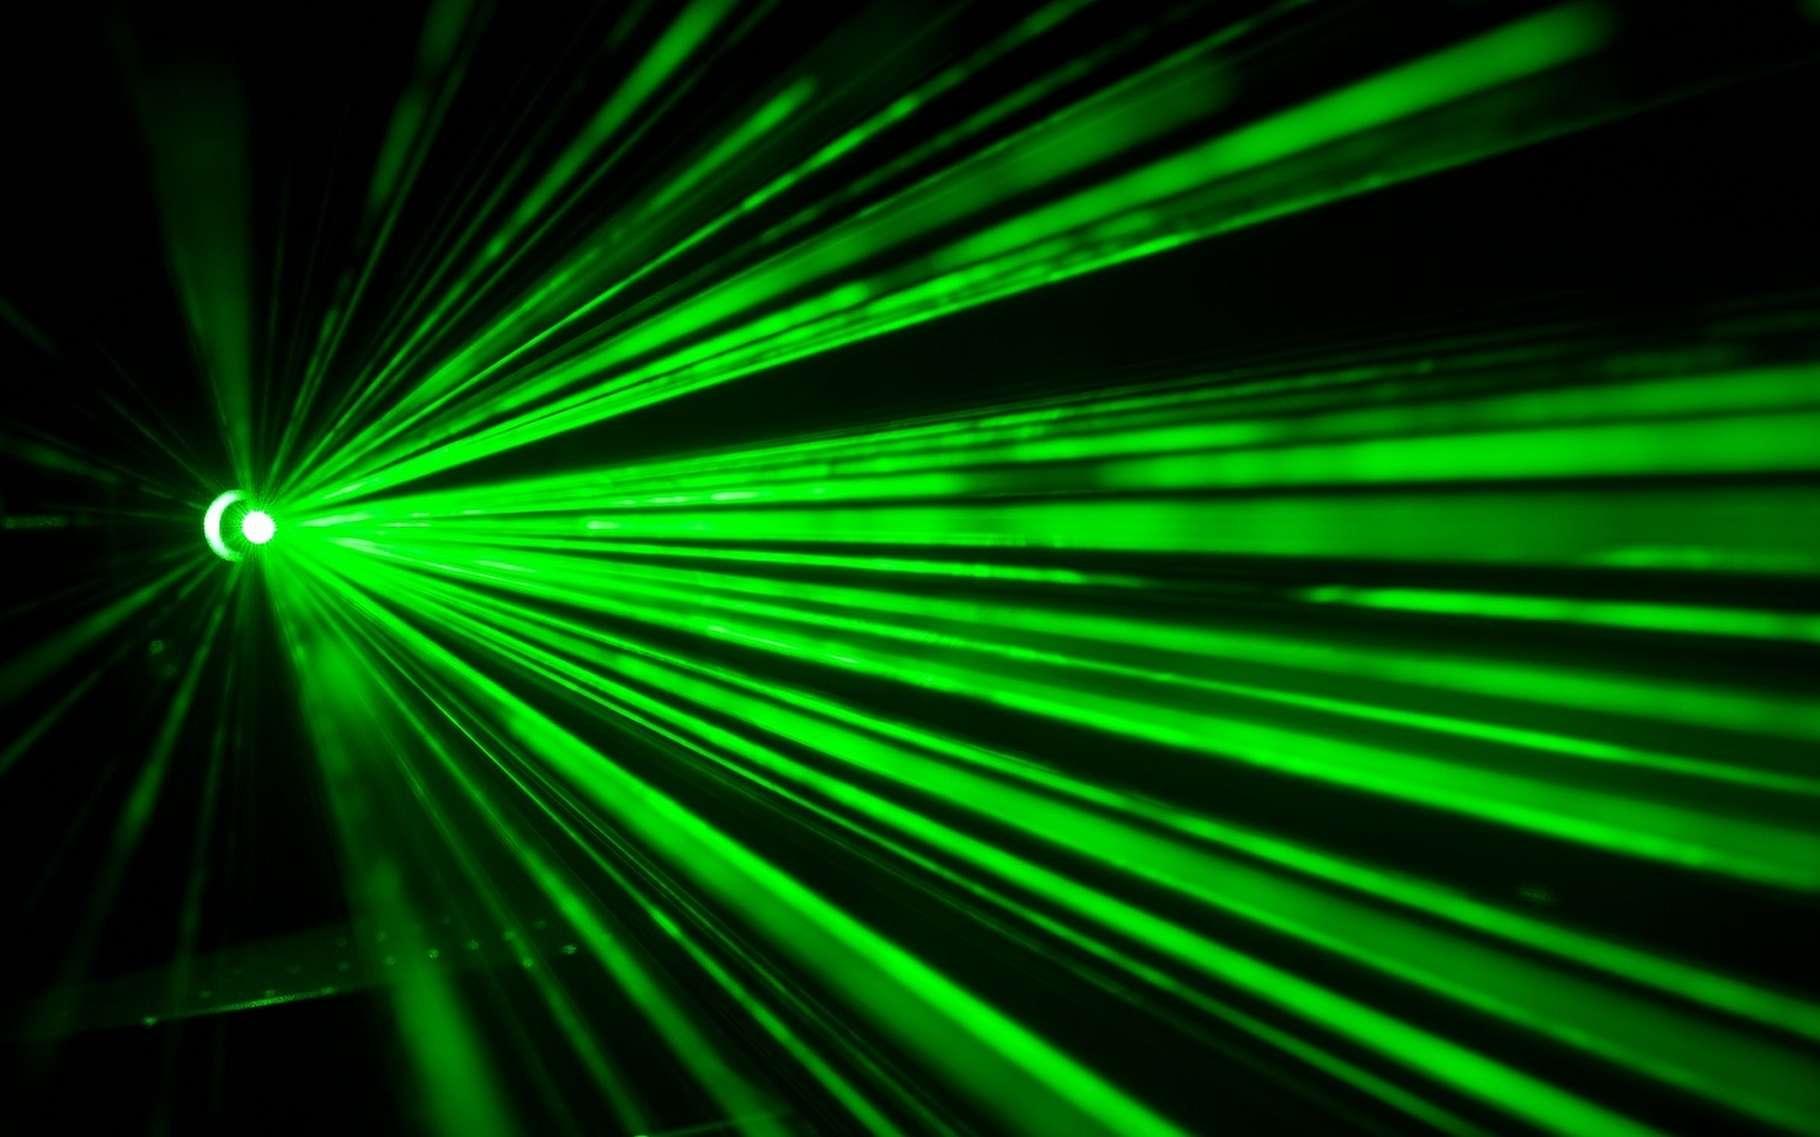 Des chercheurs décrivent des méthodes simples et fiables d'utilisation d'un laser émettant des impulsions de l'ordre de la nanoseconde afin de créer une large palette de couleurs sur le métal. © SD-Pictures, Pixabay, CC0 Creative Commons